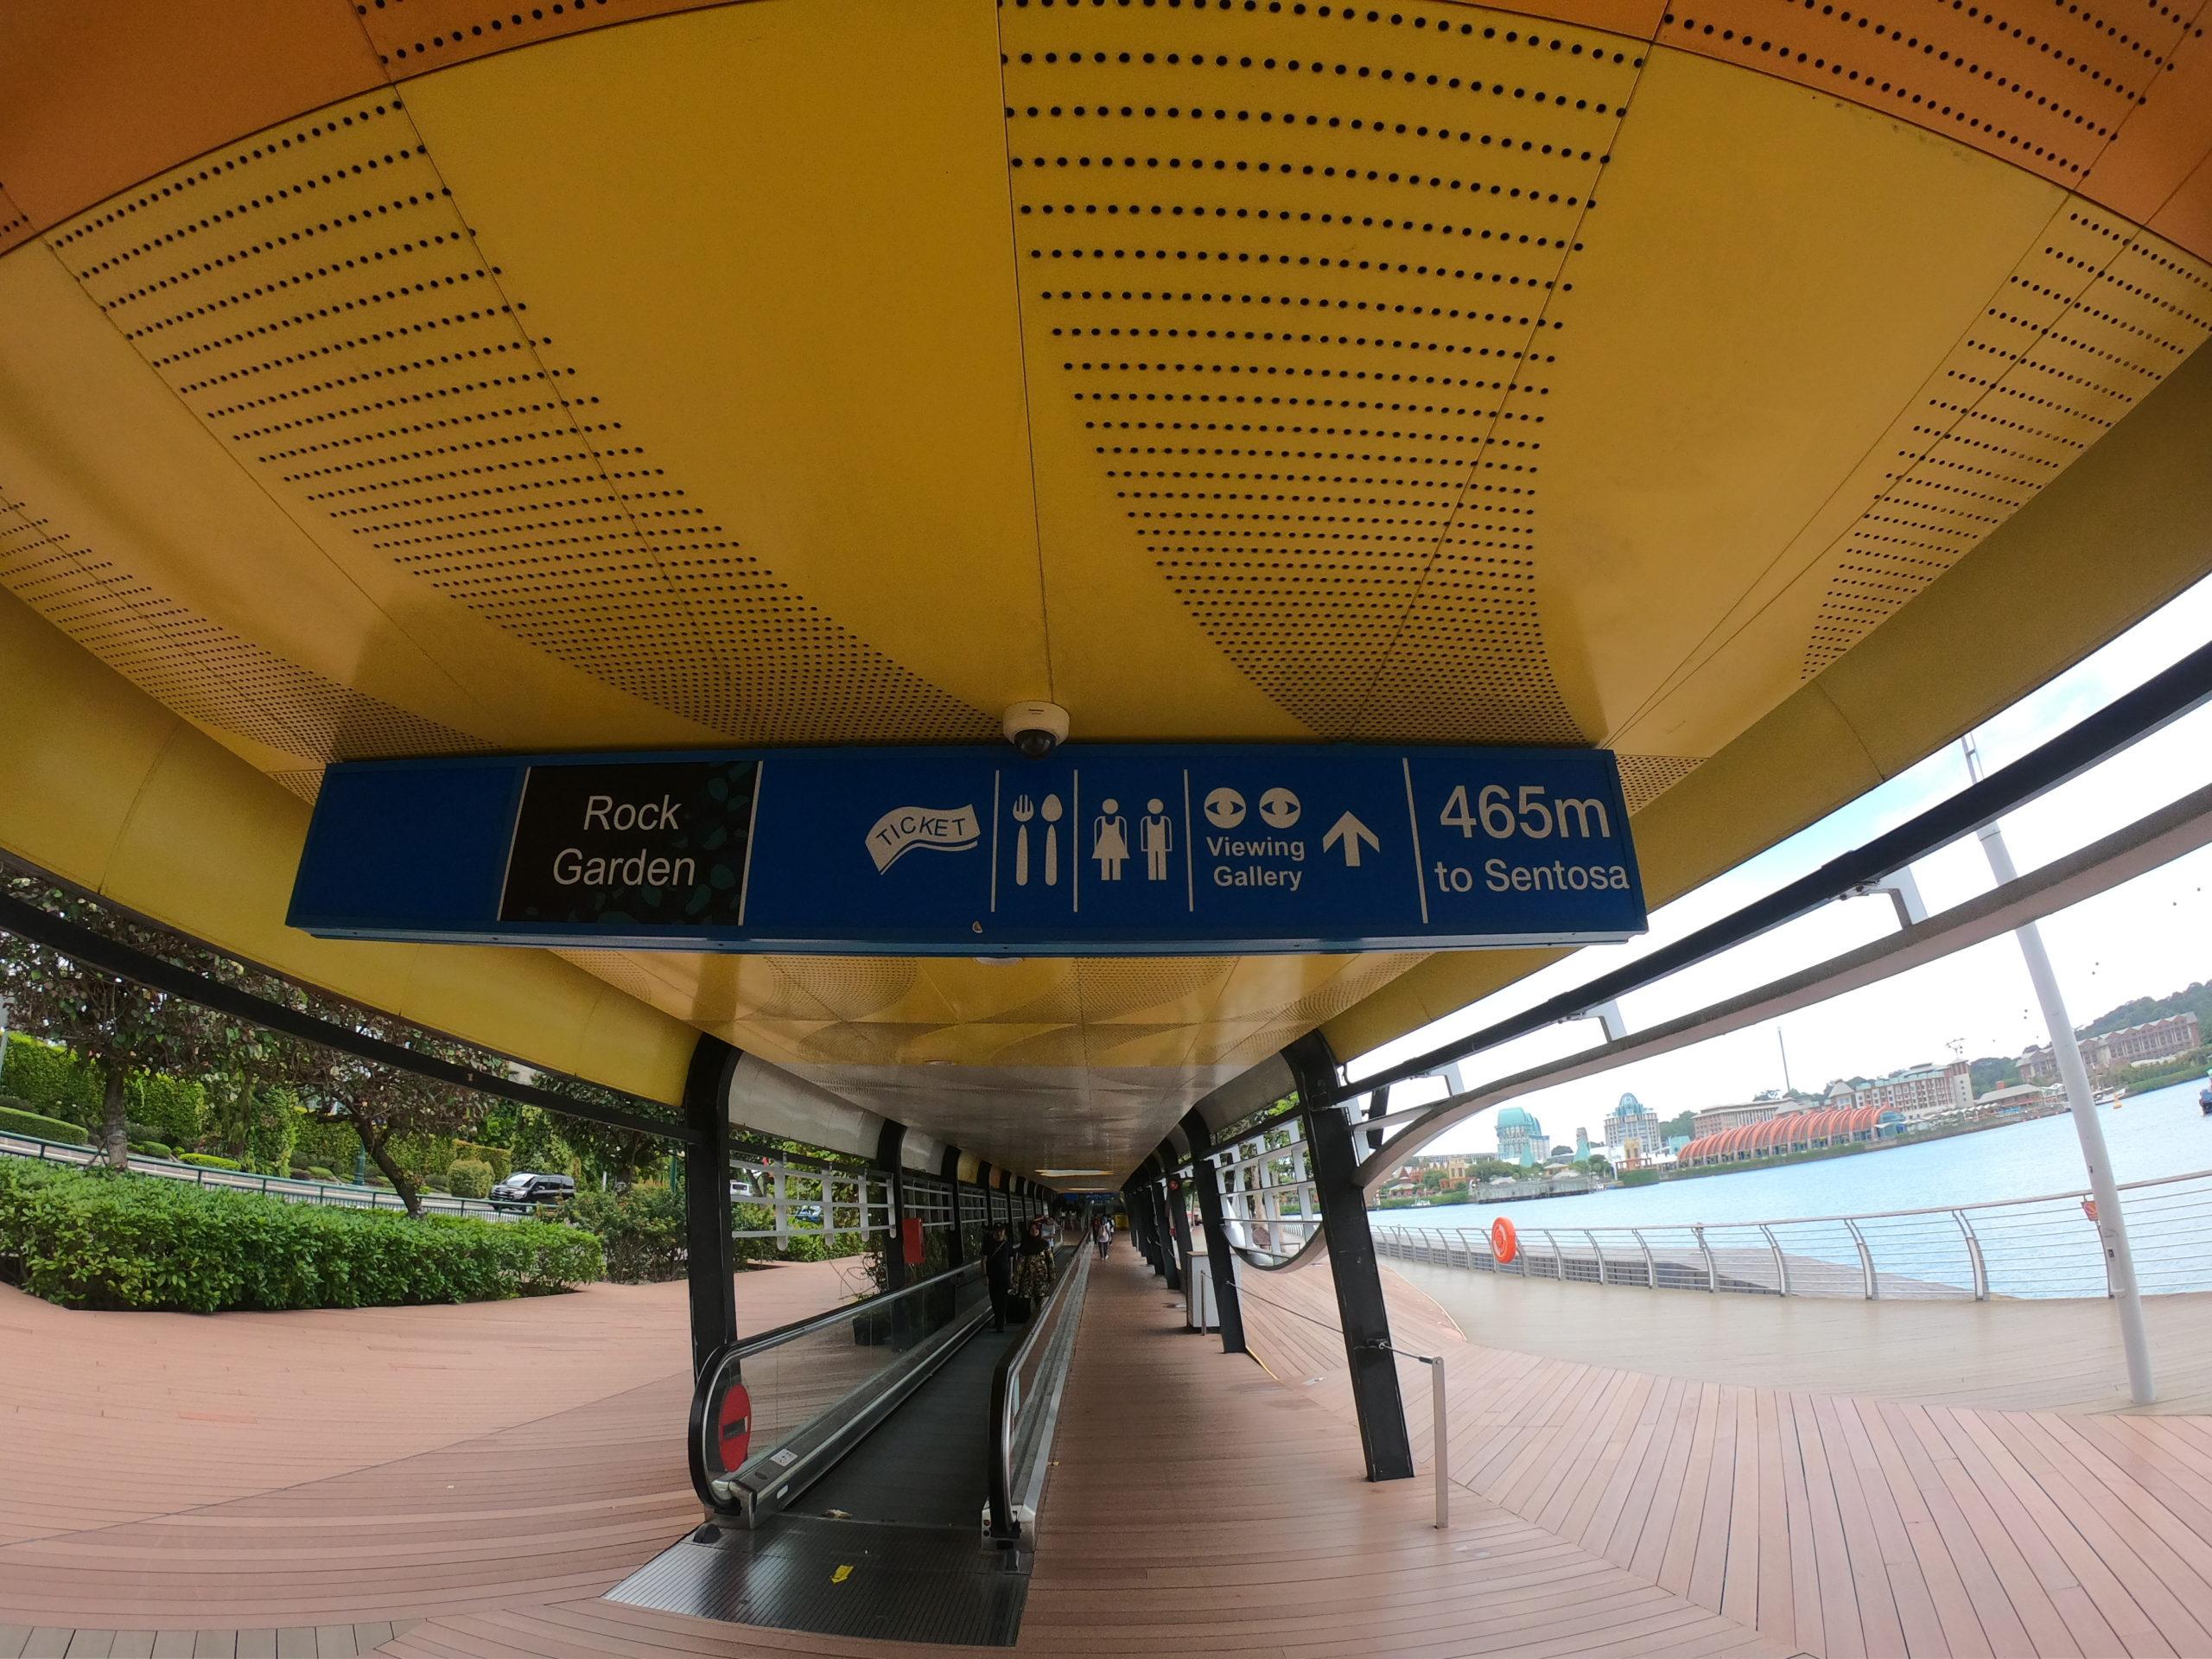 ユニバーサルスタジオシンガポール セントーサ島 行く方法